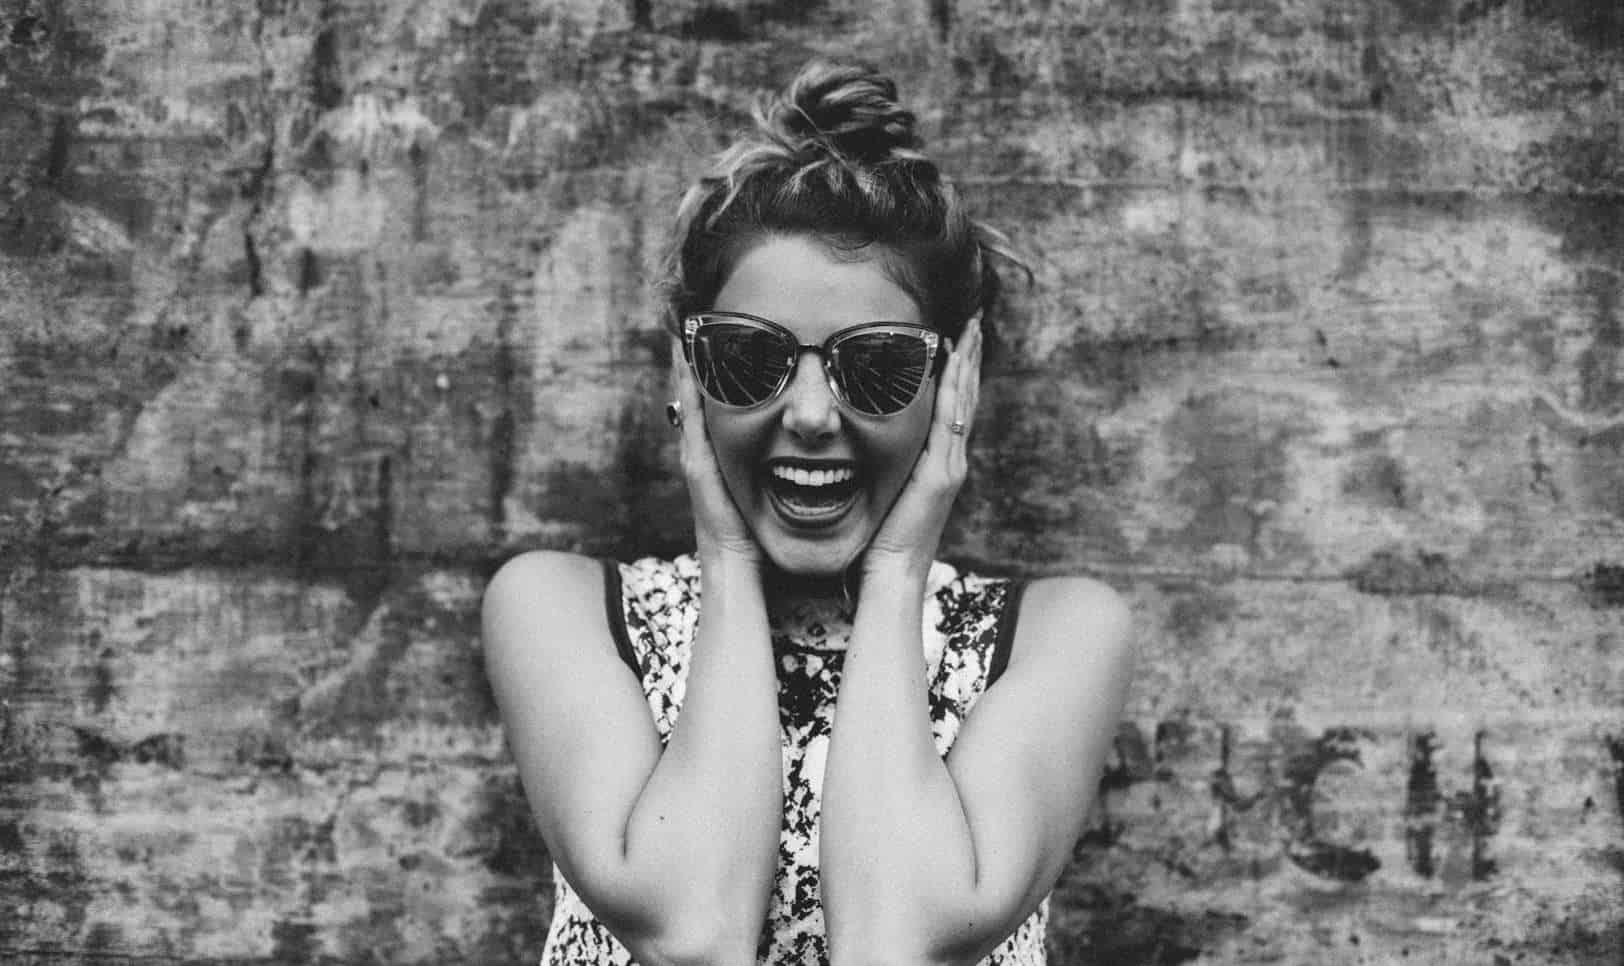 Être authentique c'est s'assumer pleinement, rire à pleinement bouche et pleurer quand c'est ça qui est là pour moi